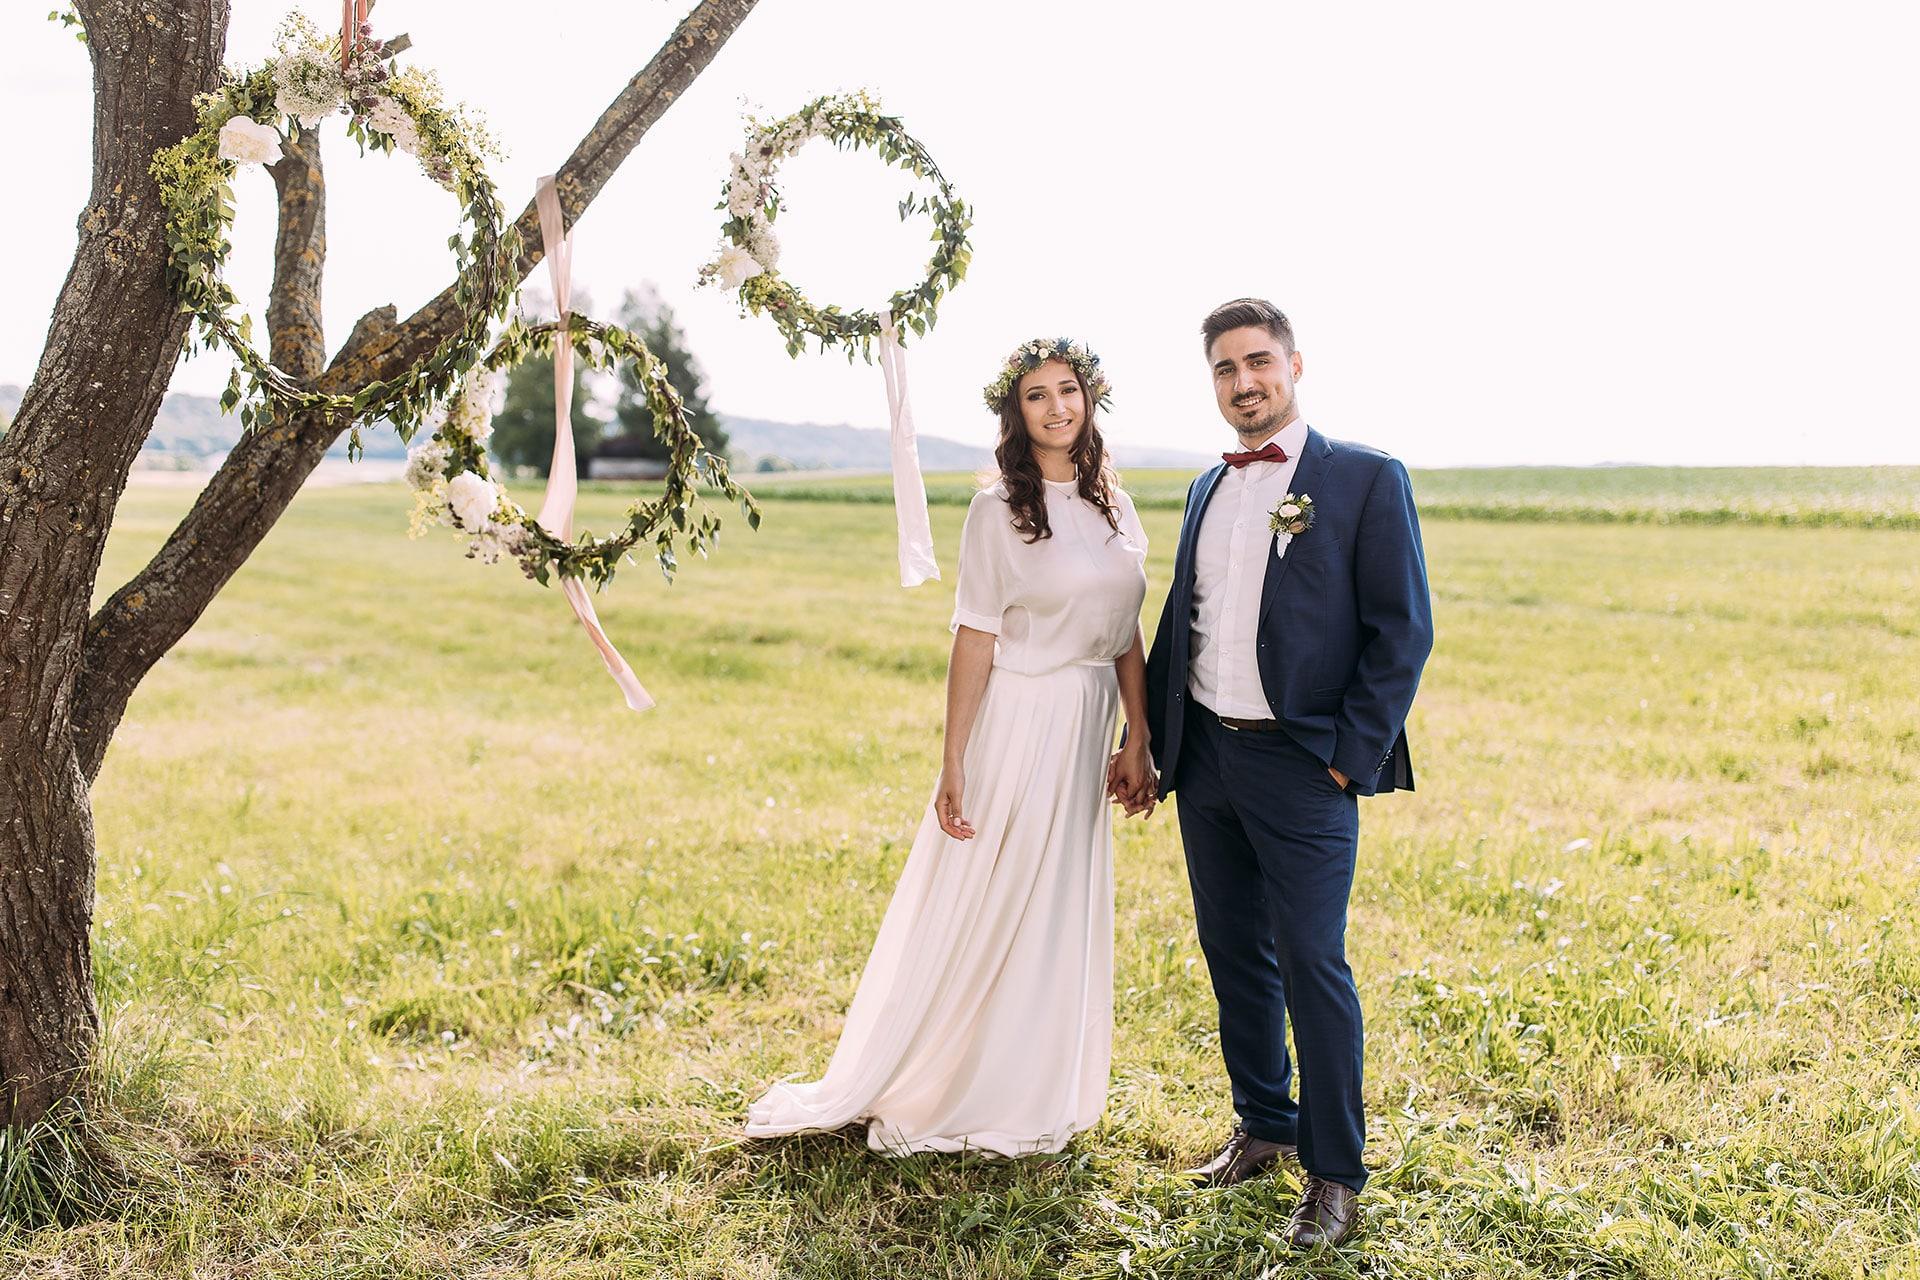 Hochzeit Blumen-Deko außen